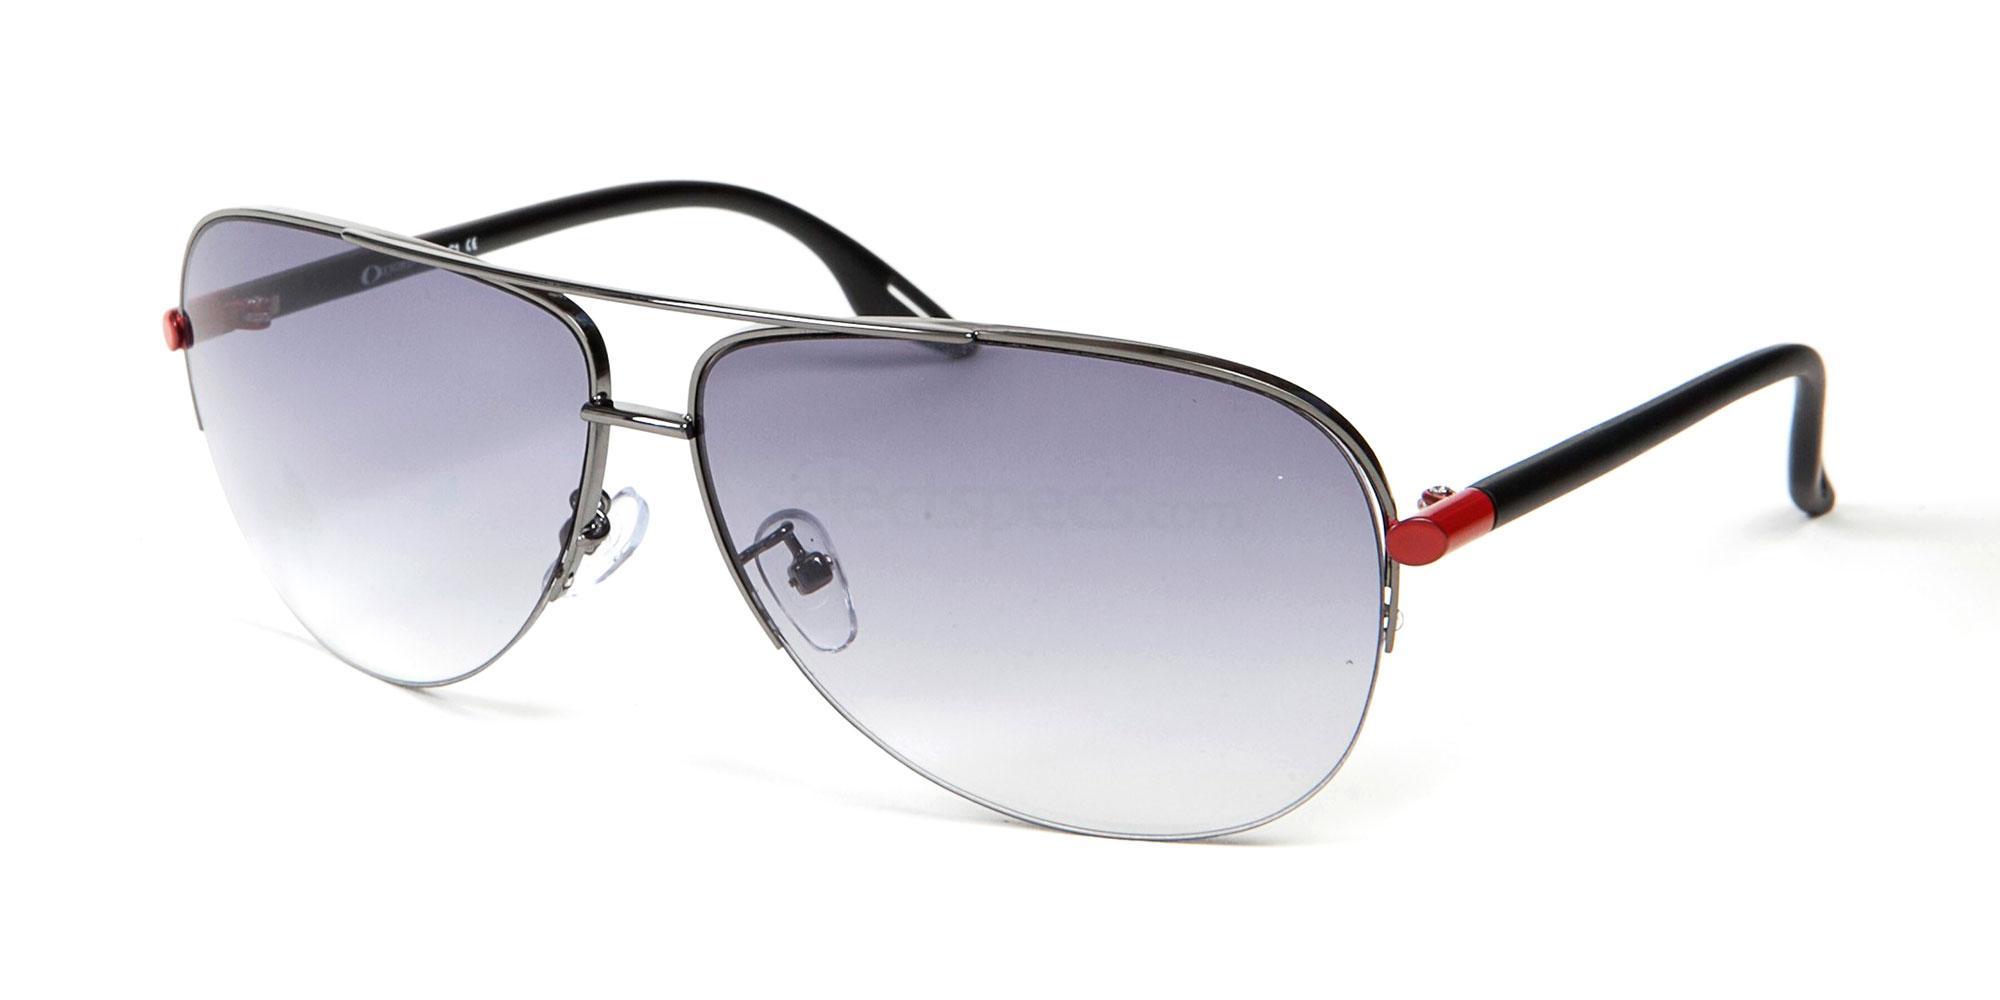 C1 120S Sunglasses, Oxford